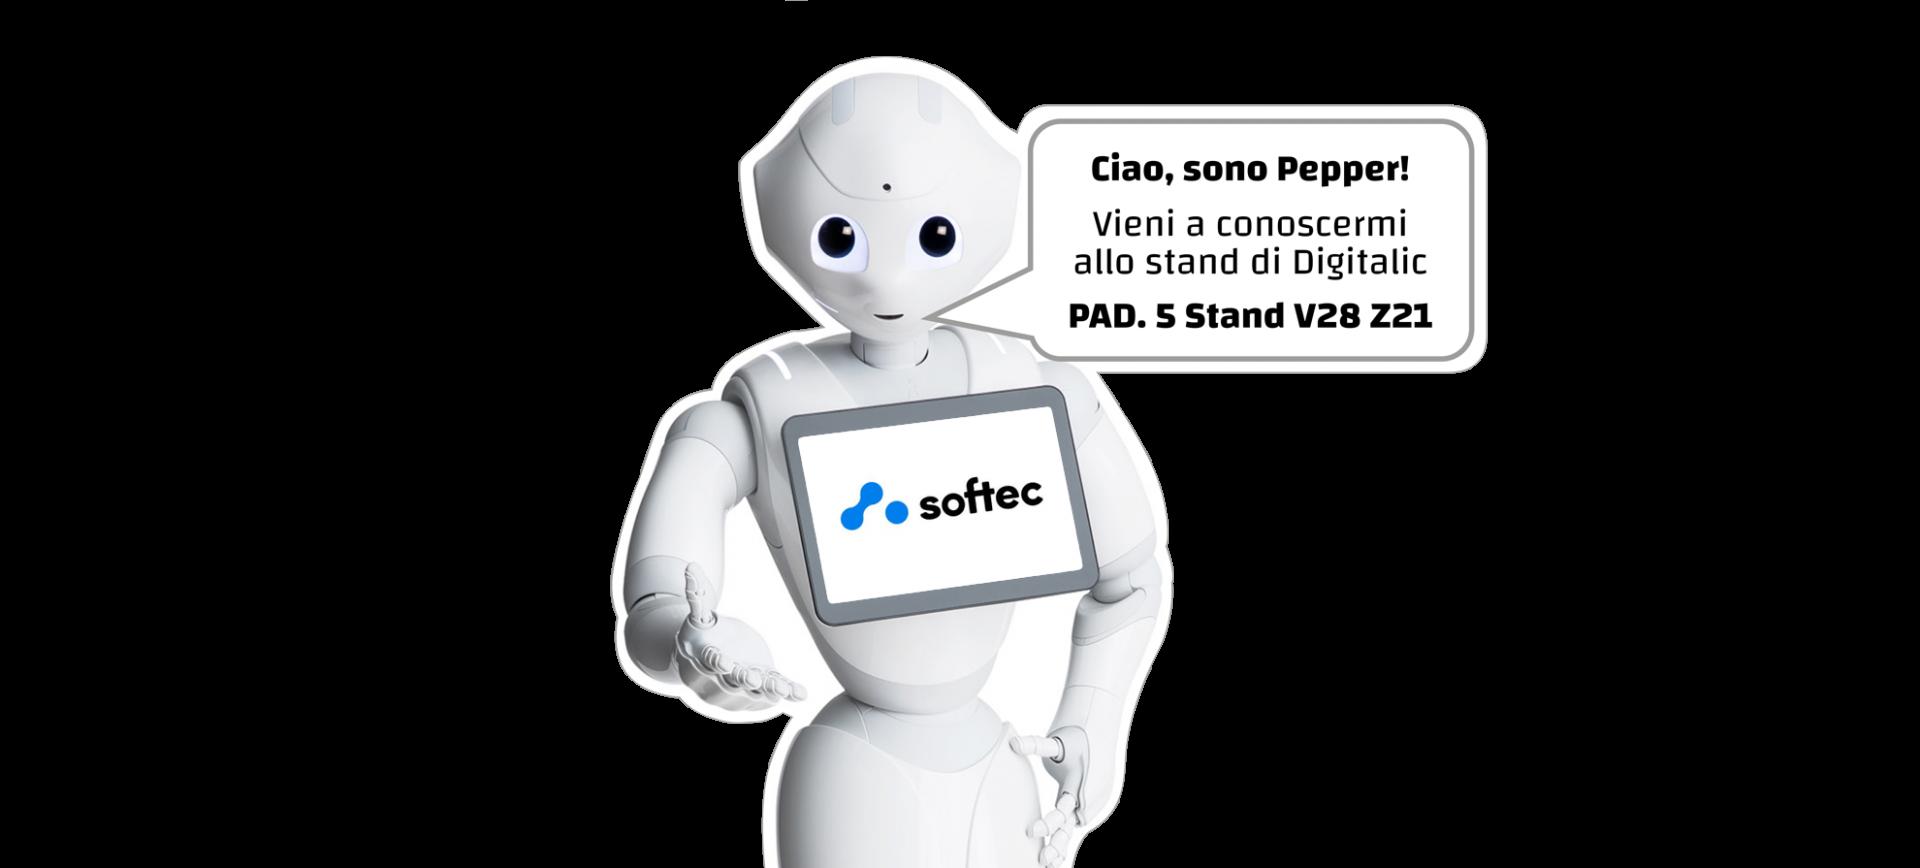 Vieni al Digitalic Village in Fiera Sicurezza, i biglietti gratis te li offriamo noi!